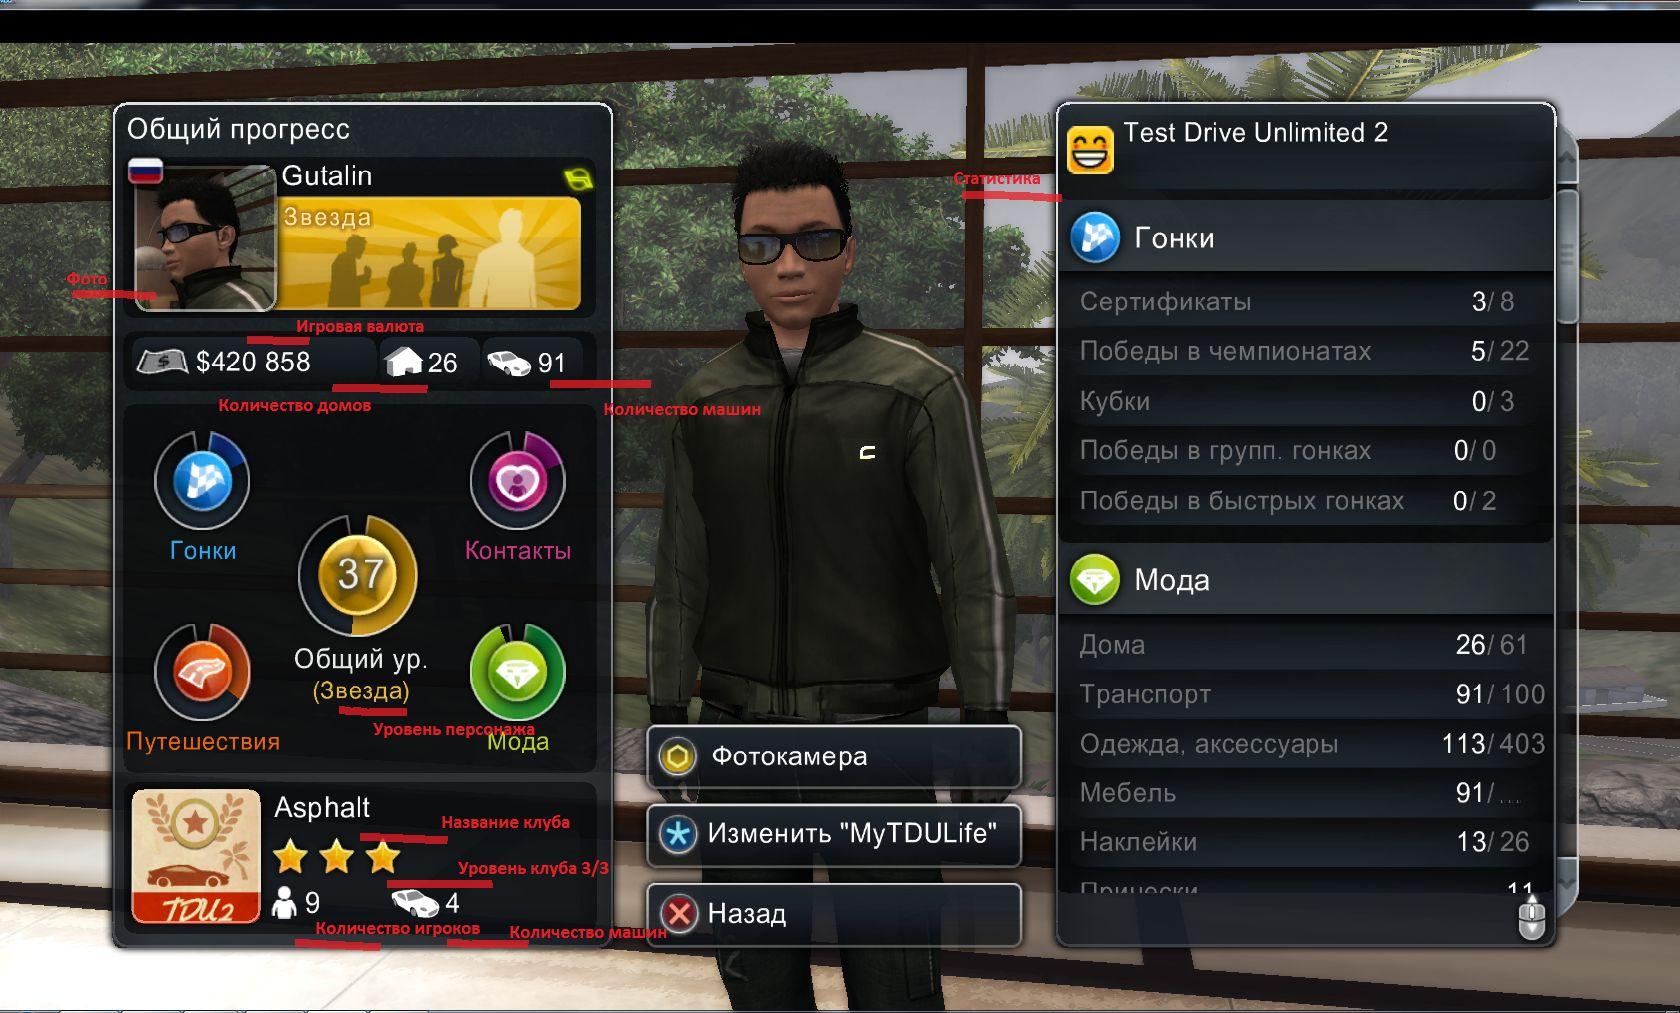 Test Drive Unlimited 2 - Обзор игры, скриншоты, видео, системные требования скачать с торрента